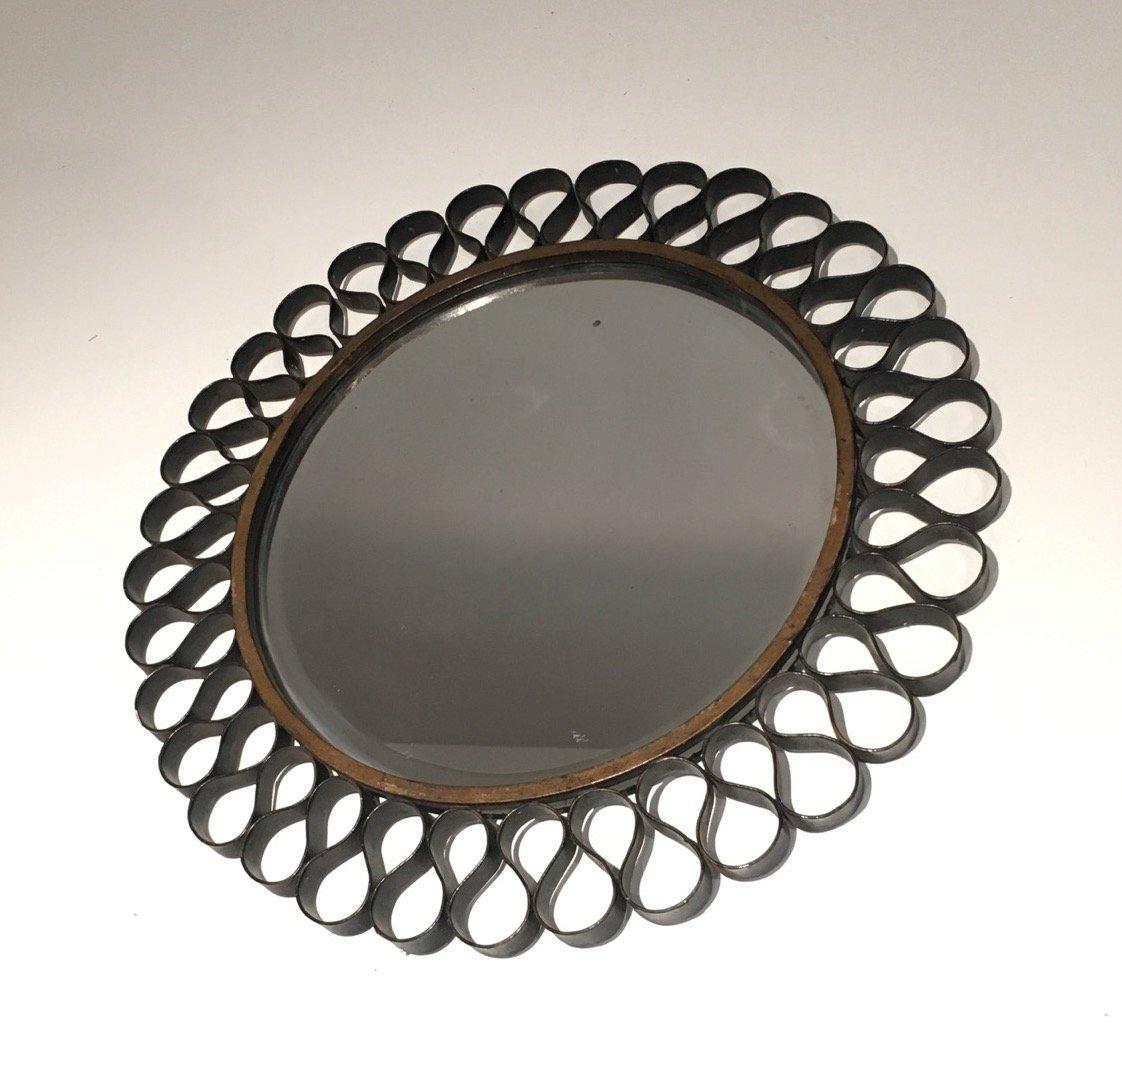 Mid century spiegel mit schwarz gold lackiertem metallrahmen bei pamono kaufen - Spiegel mit metallrahmen ...